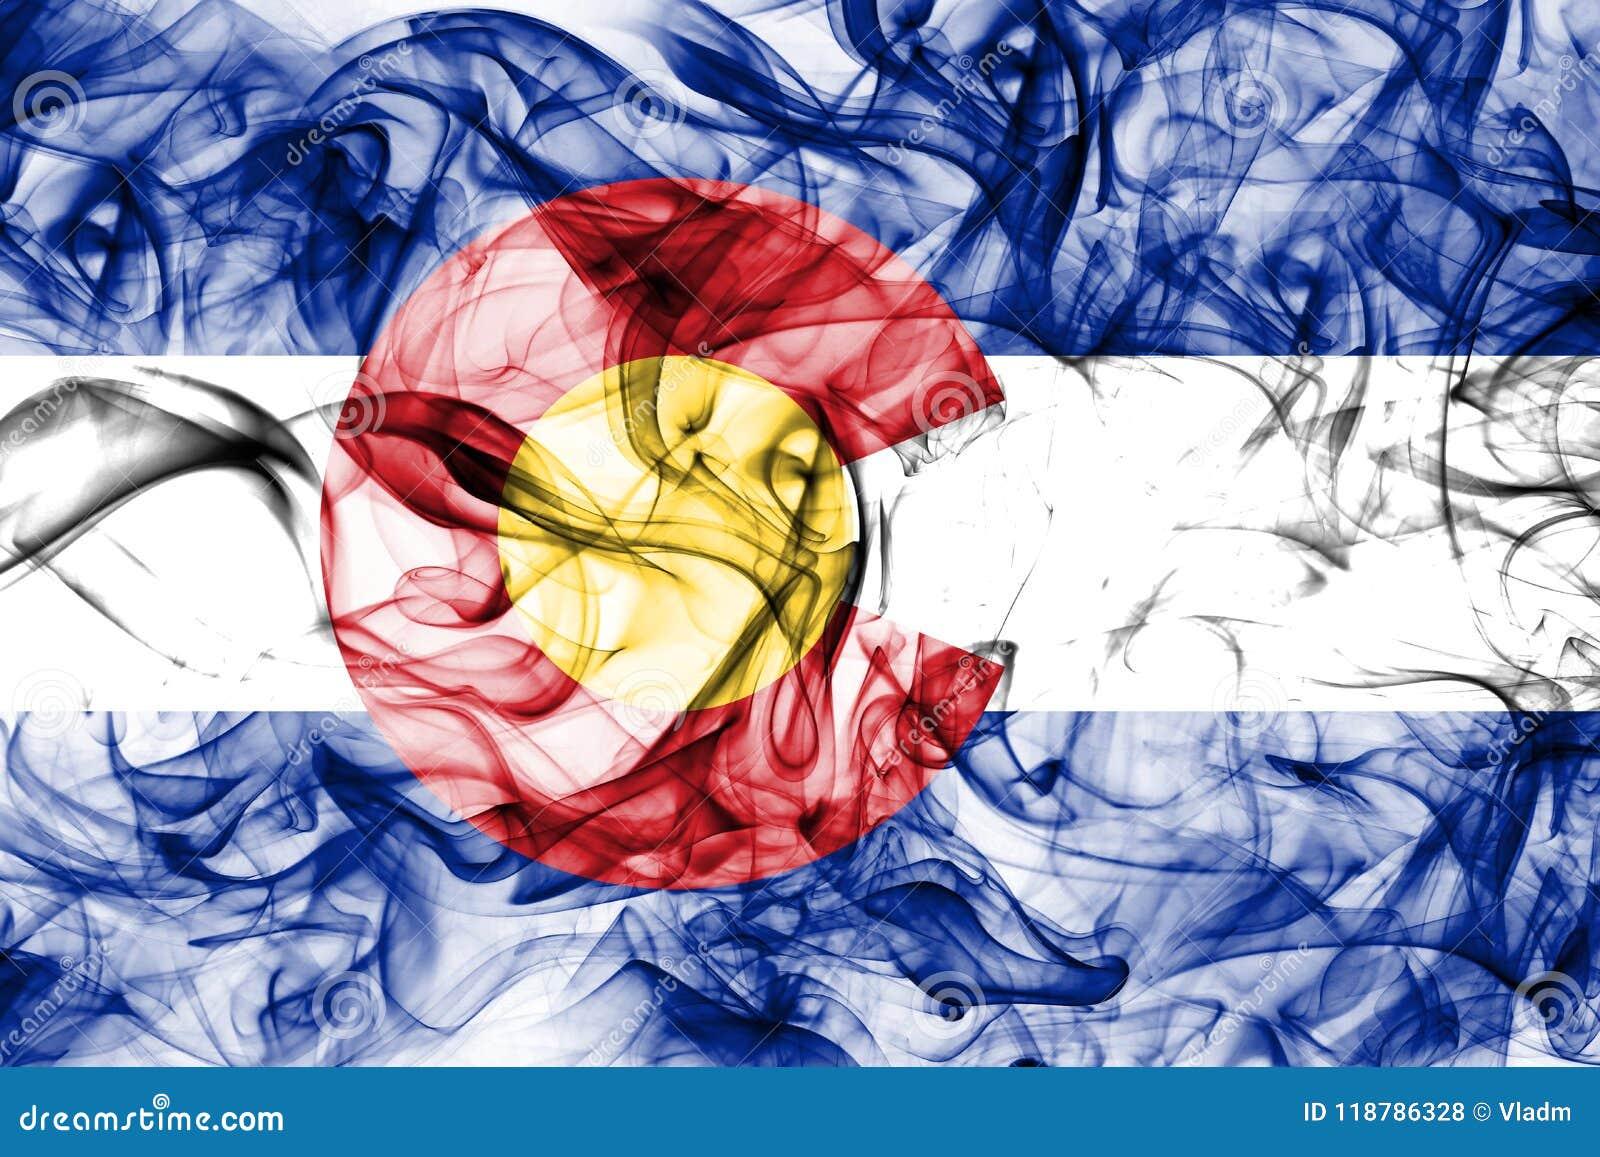 Σημαία κρατικού καπνού του Κολοράντο, Ηνωμένες Πολιτείες της Αμερικής